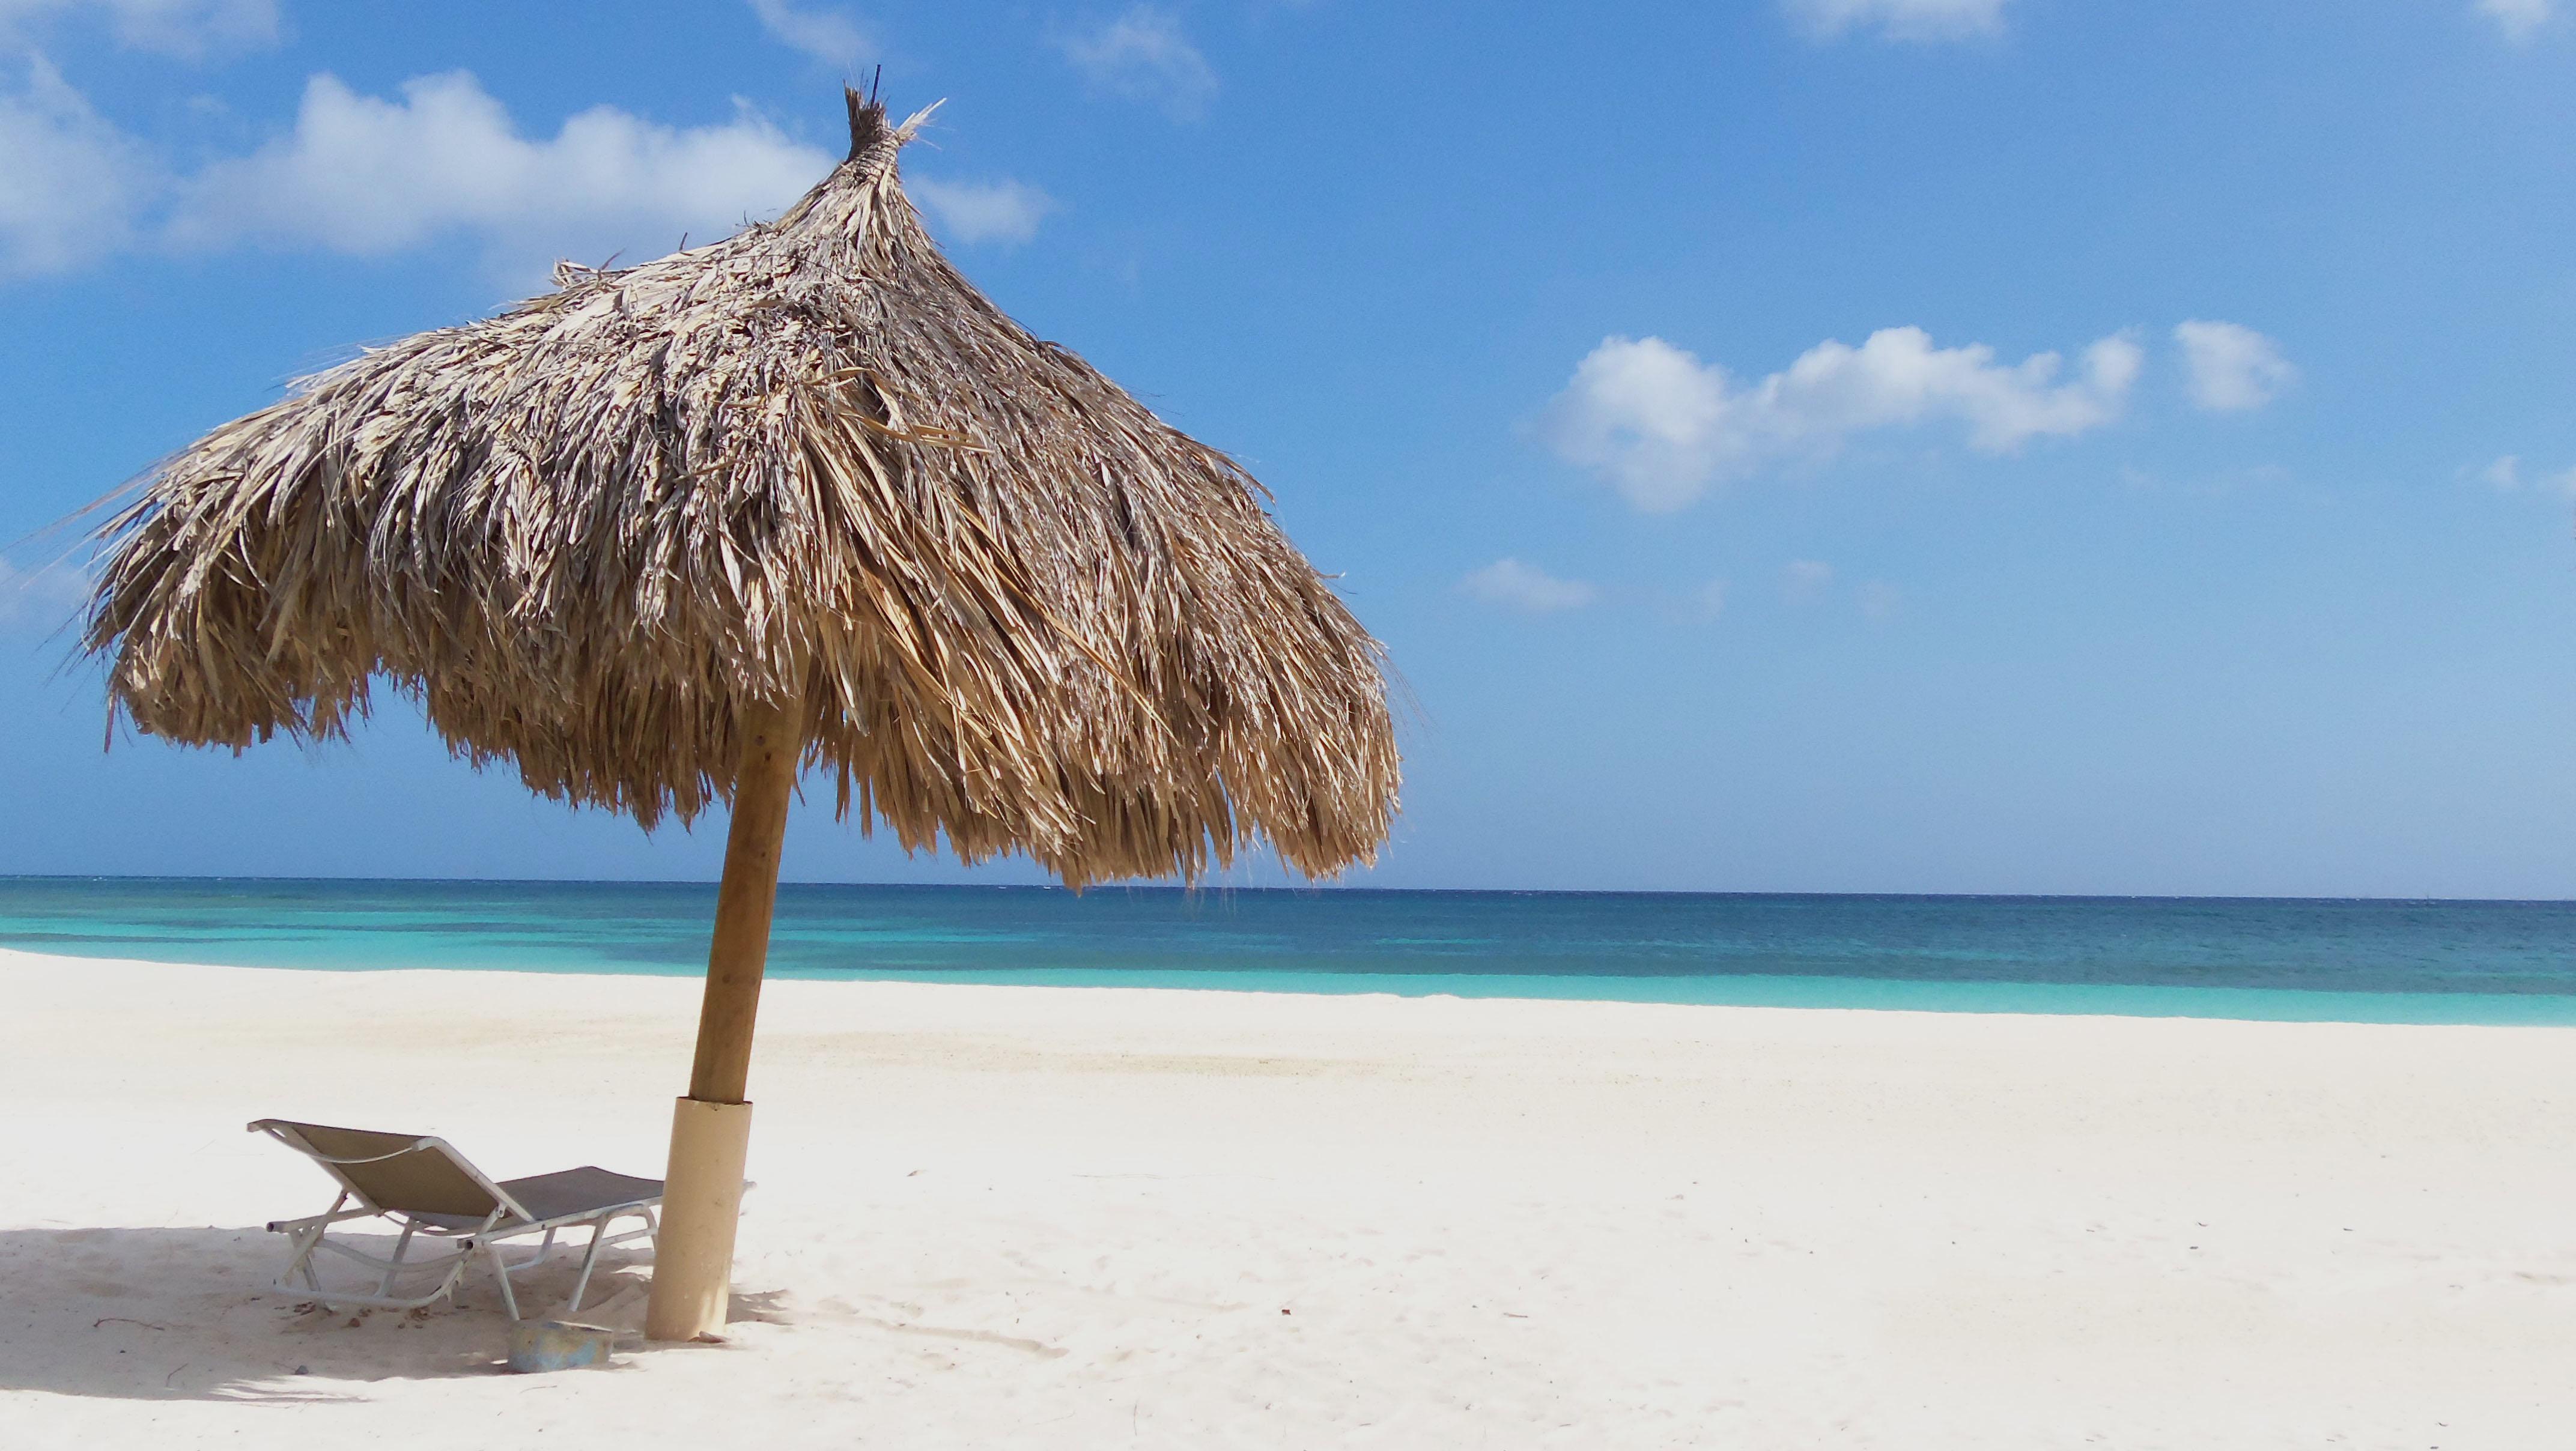 Old Man And The Sea Ocean Villas Aruba